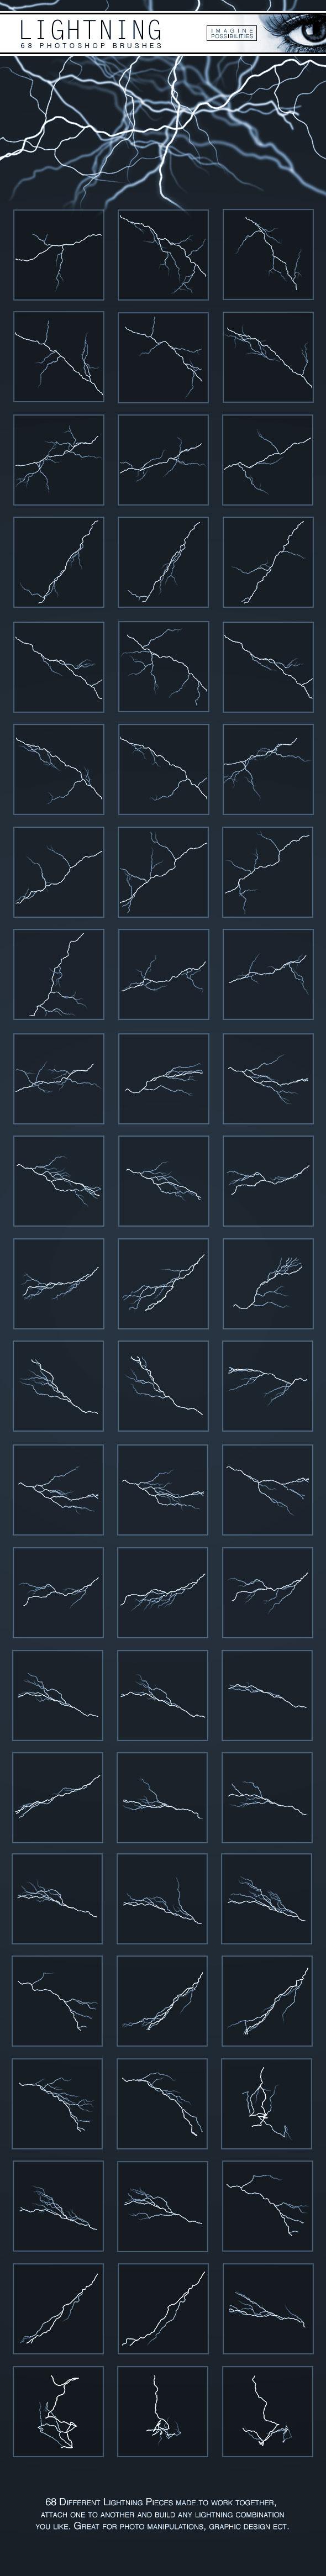 Lightning Brushes - Brushes Photoshop